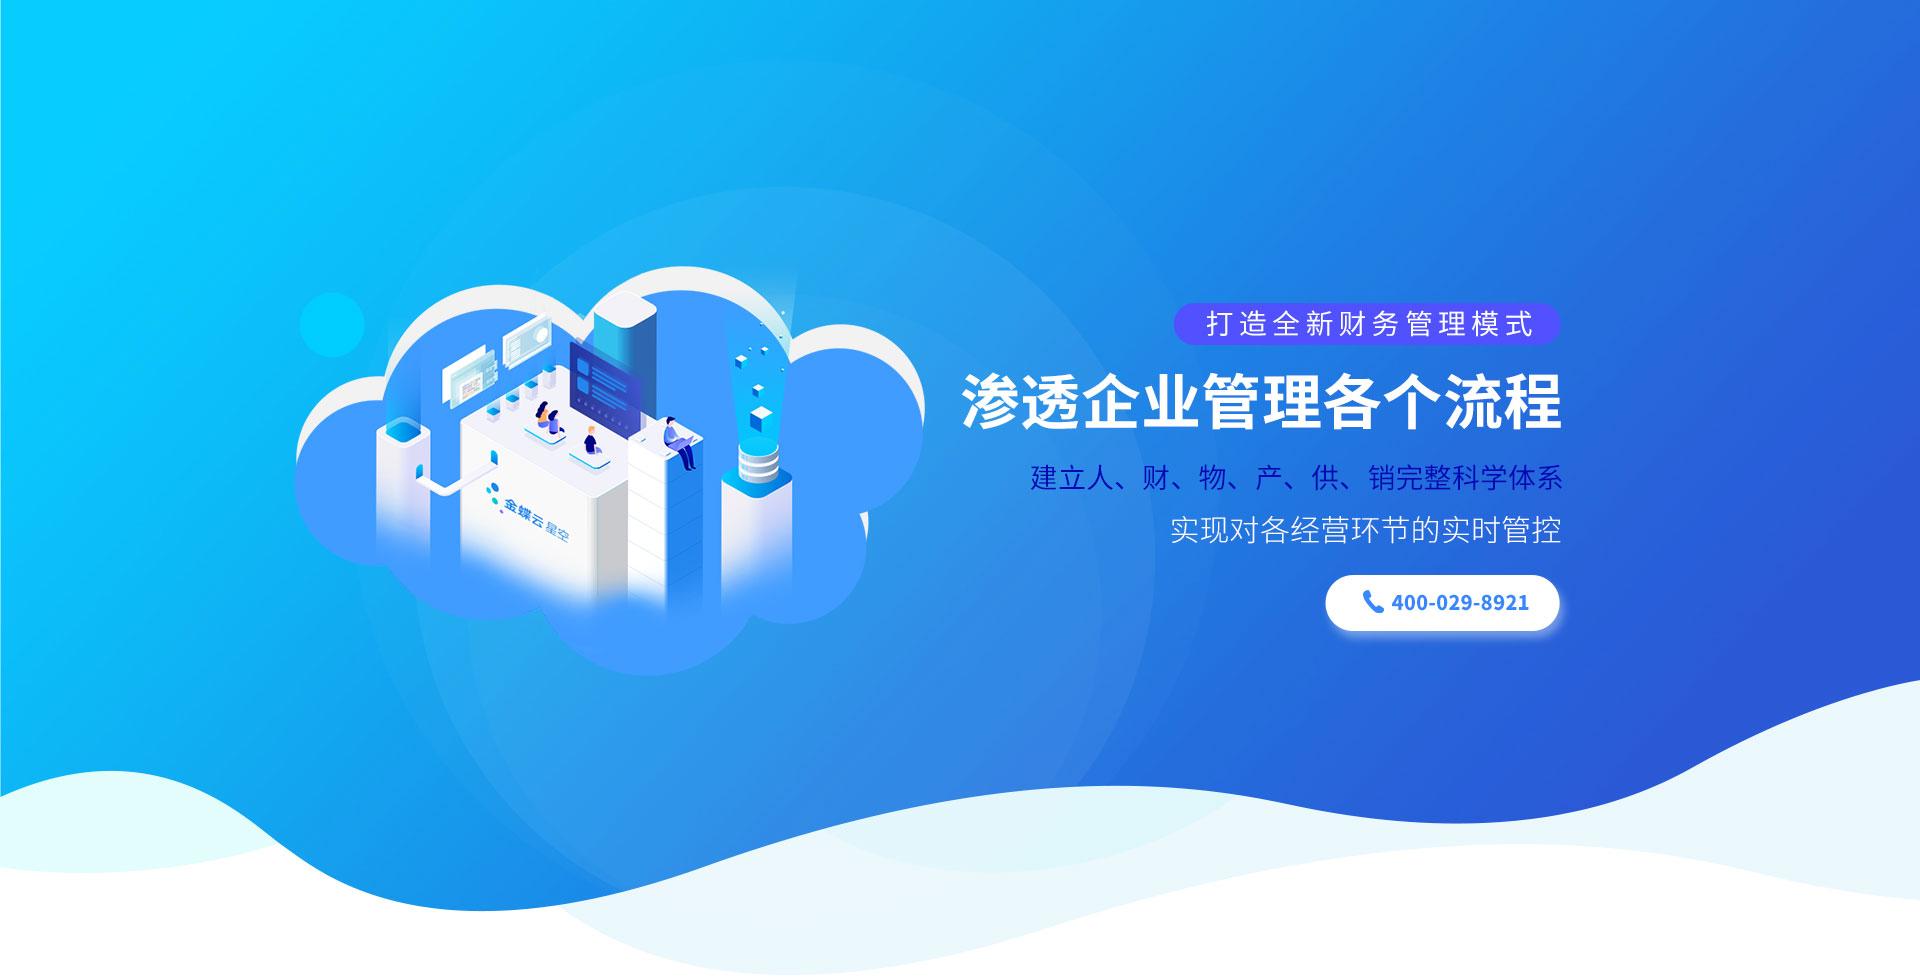 江苏金蝶财务软件